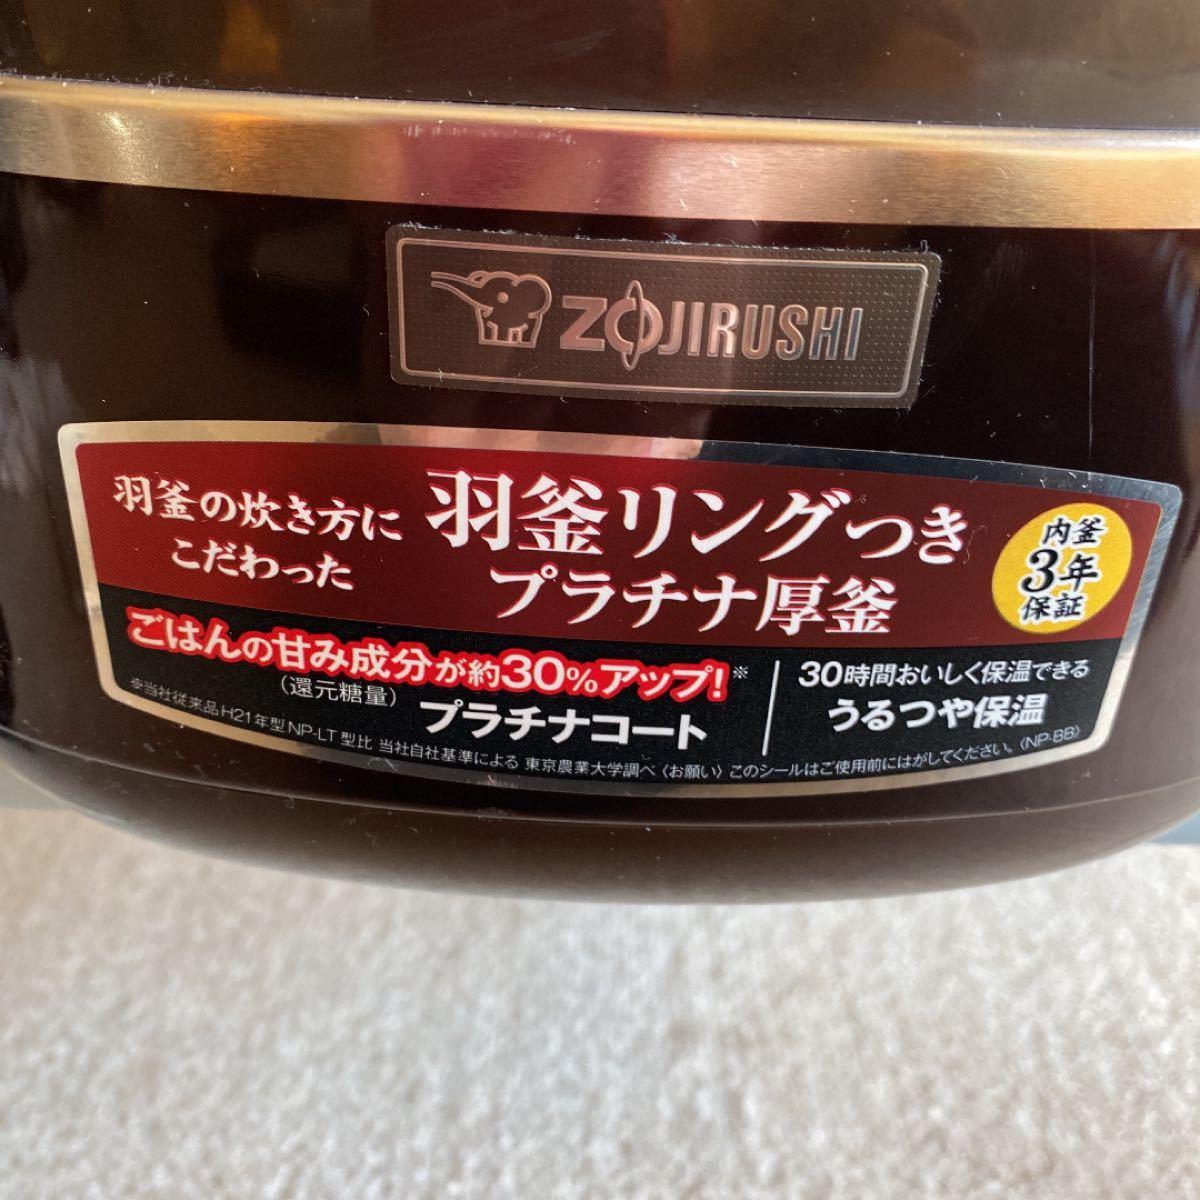 ZOJIRUSHI 圧力IH炊飯器15年製